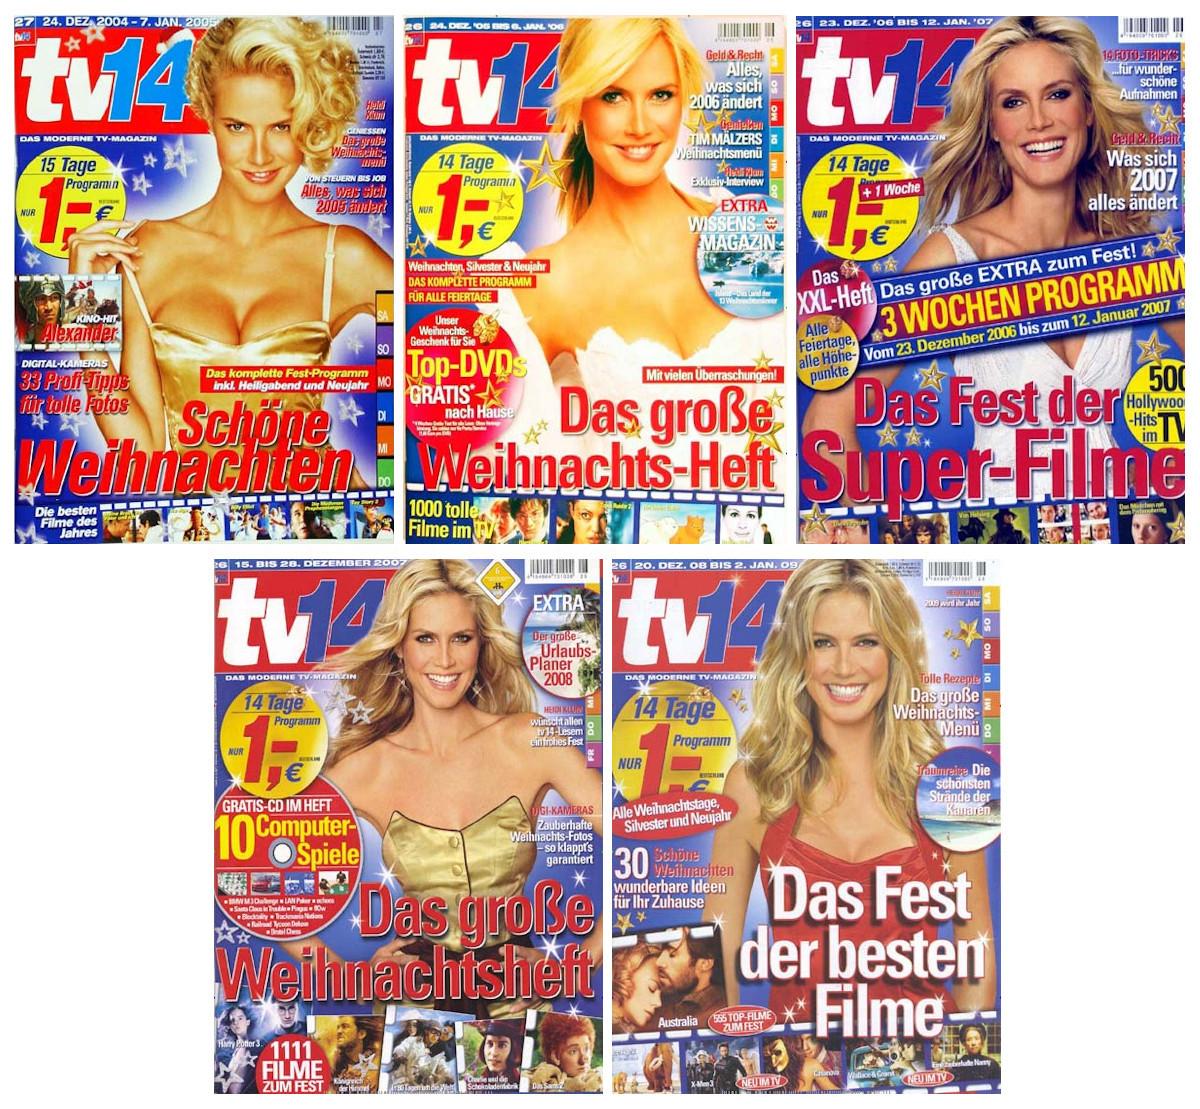 Fünf sehr ähnliche Titelbilder. Auf allen ist Heidi Klum abgebildet.